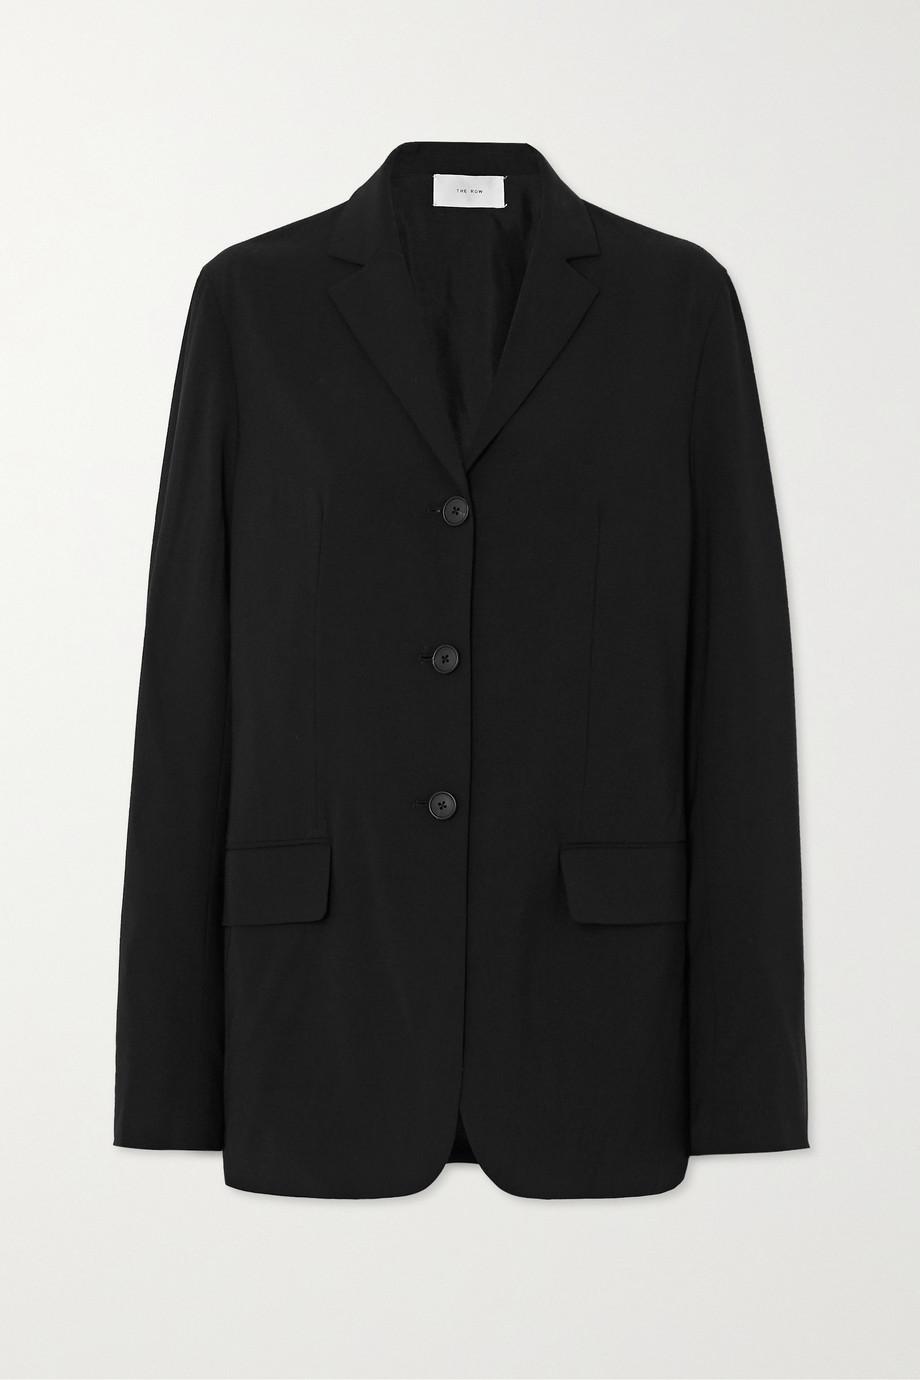 The Row Fiakra blazer